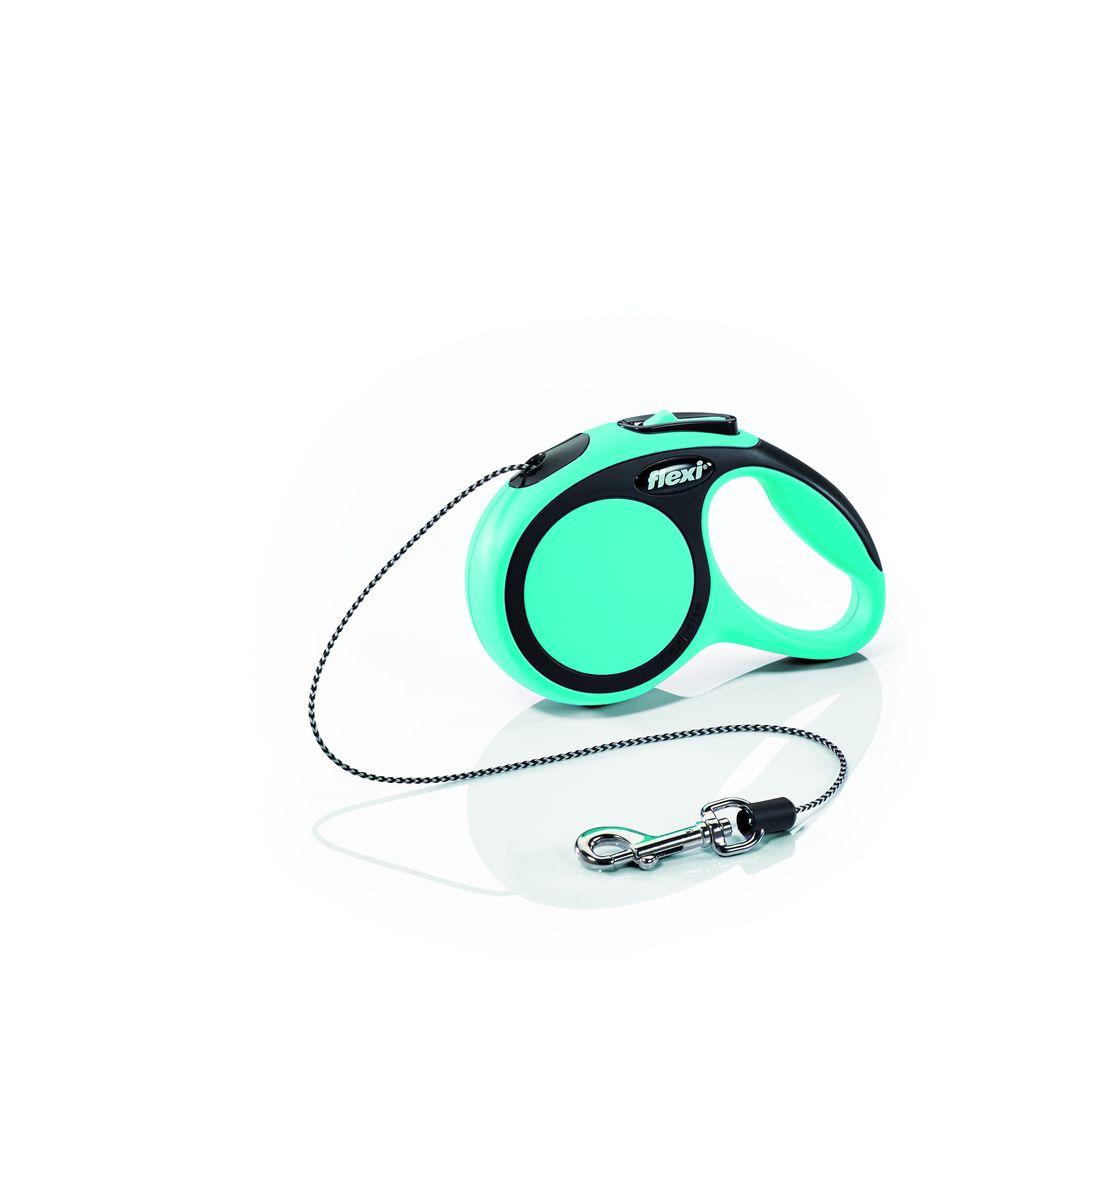 Поводок-рулетка Flexi New Comfort XS, трос, для собак весом до 8 кг, цвет: черный, синий, 3 м0120710Тросовый поводок-рулетка обеспечивает каждой собаке свободу движения, что идет на пользу здоровью и радует Вашего четвероногого друга. Рулетка очень проста в использовании. Оснащена кнопками кратковременной и постоянной фиксации. Прочный корпус, хромированная застежка и светоотражающие элементы.Длина 3 м.Для собак весом до 8 кг